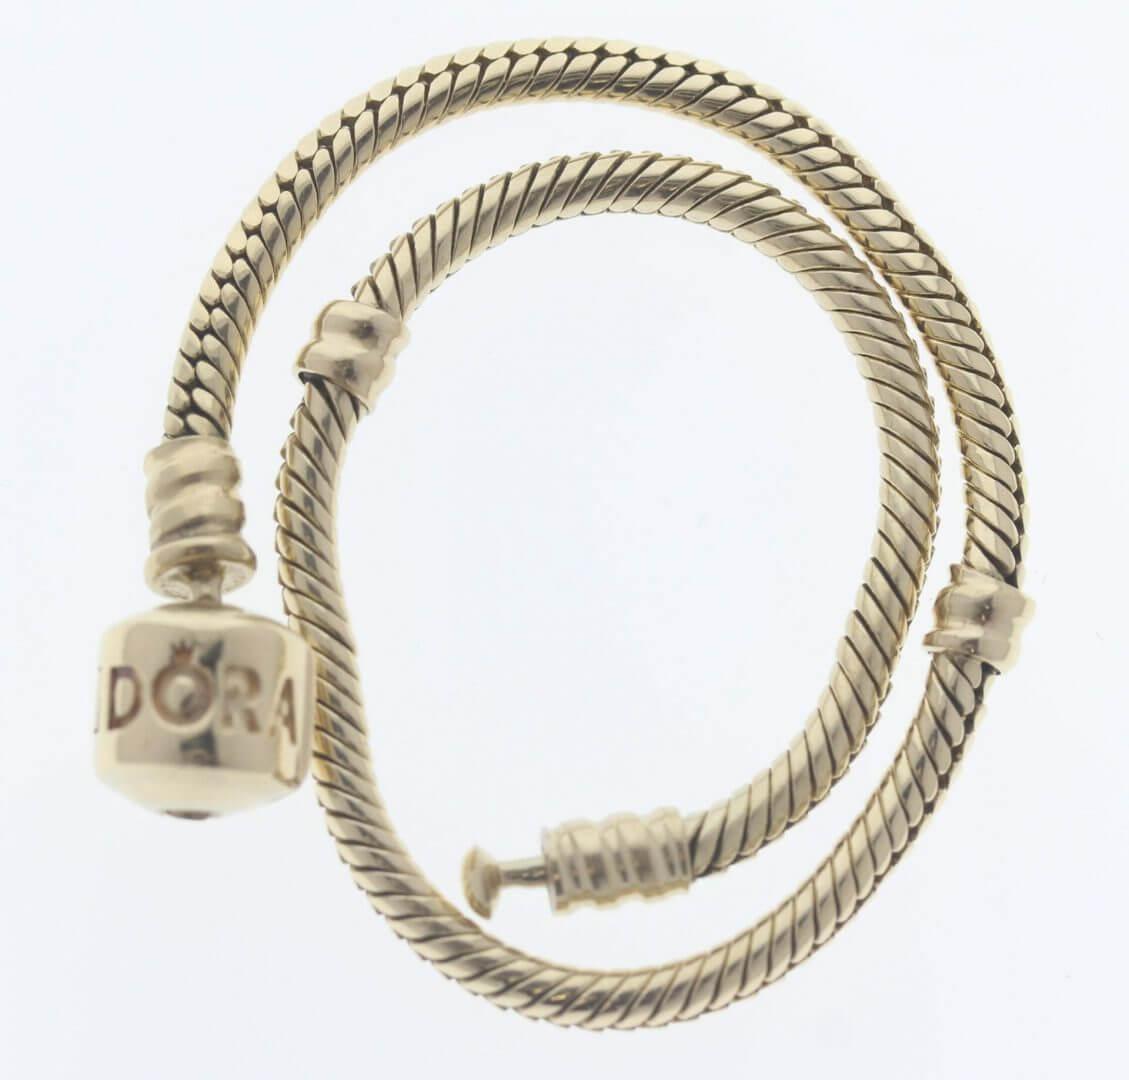 Pandora Moments 14ct Gold Charm Bracelet - 550702 - ALE 585 13